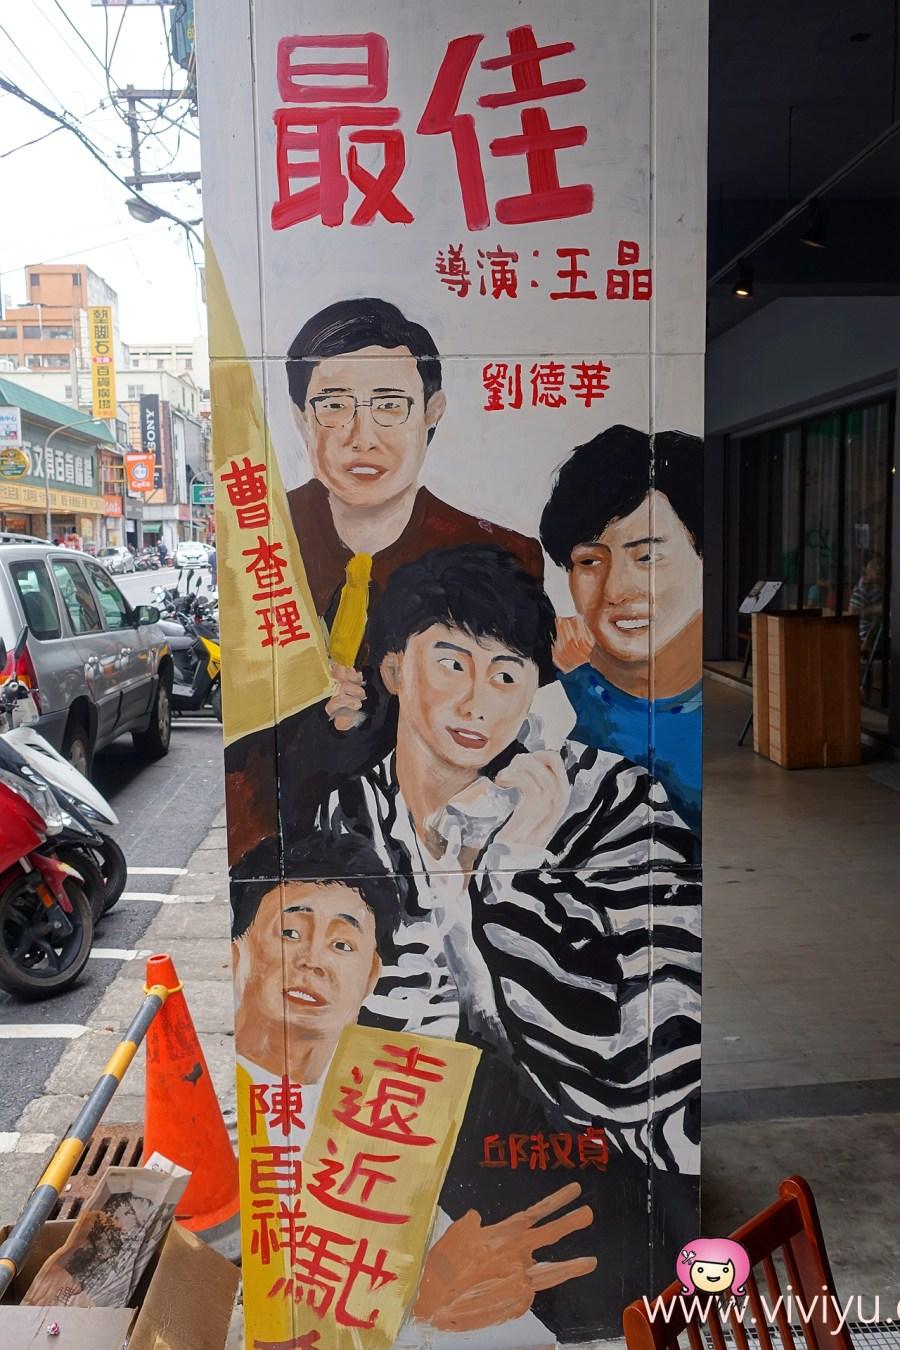 [桃園.美食]美生餐室.桃園火車站前~改為直營店後重新裝潢.更有復古香港茶餐廳的味道 @VIVIYU小世界